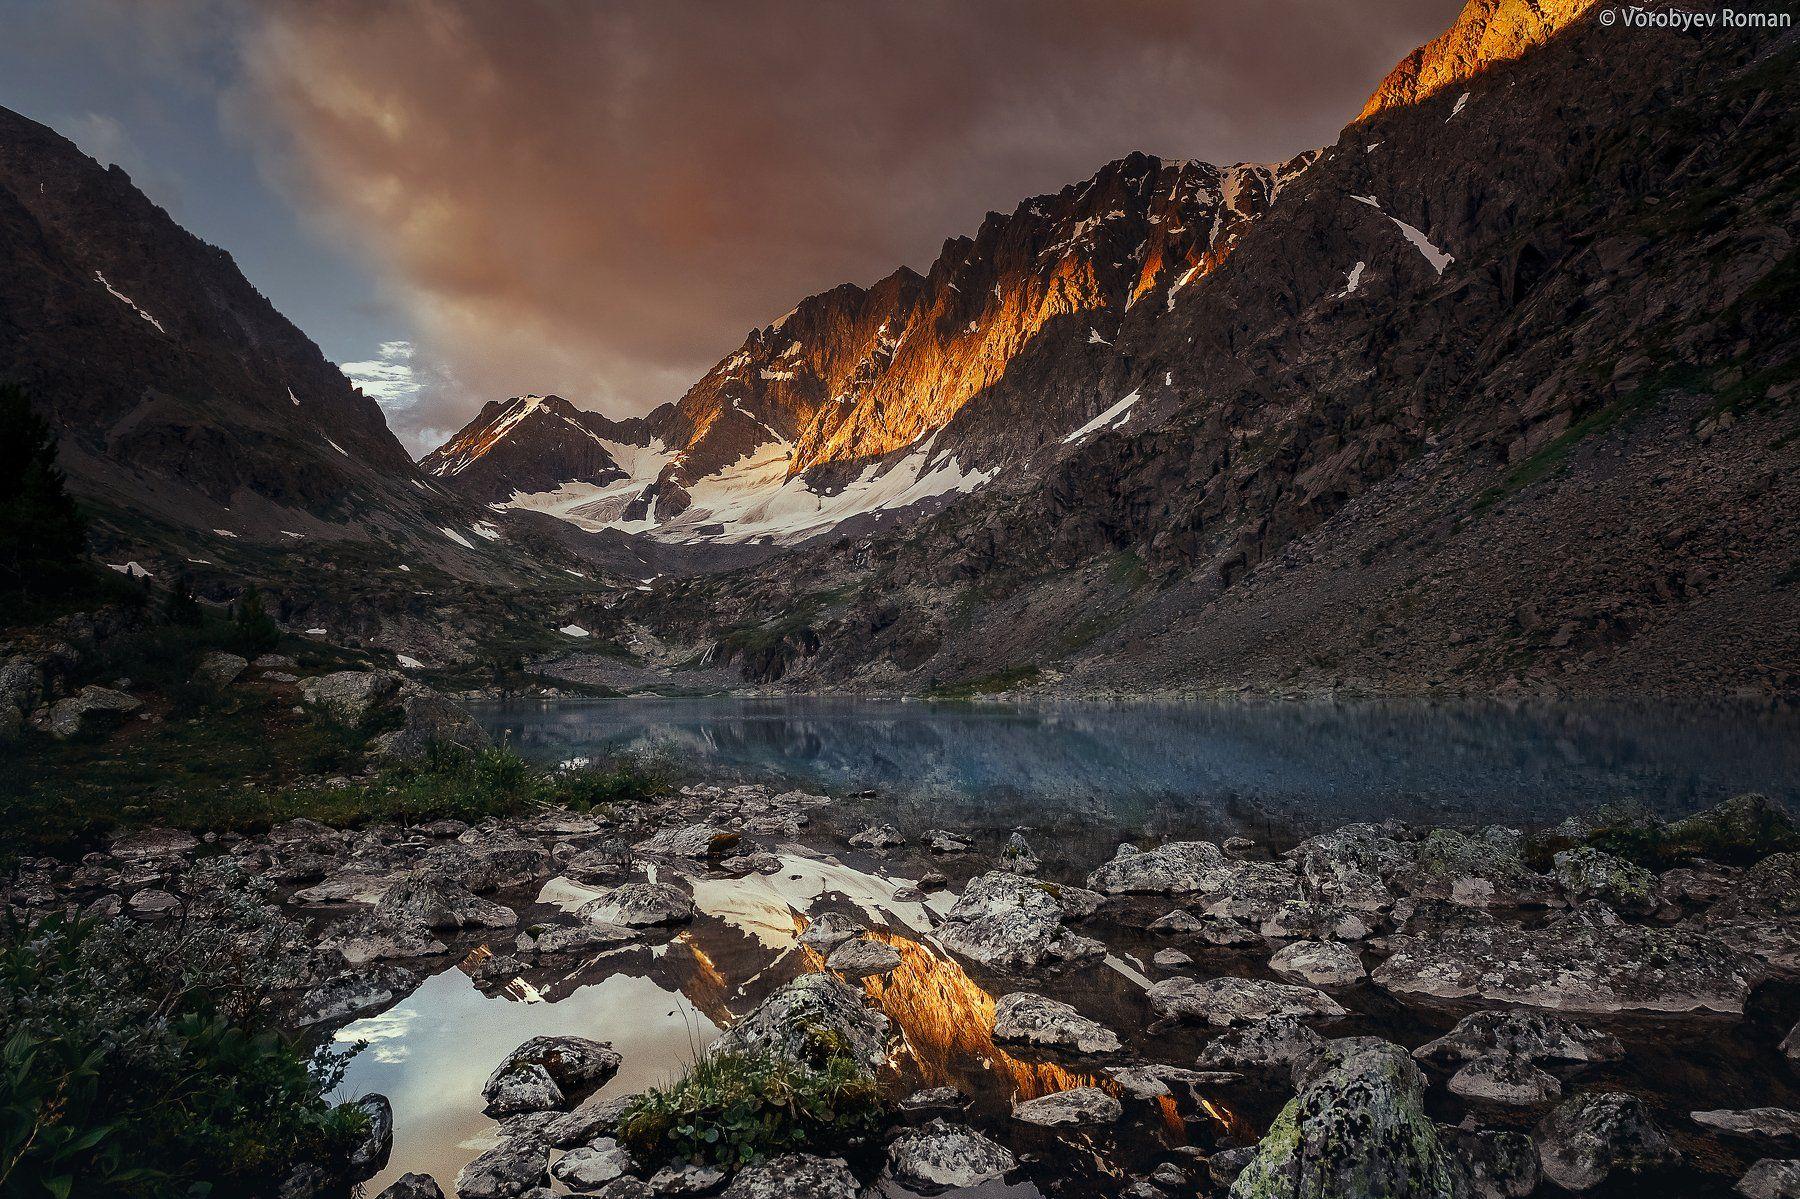 алтай, облака , горное озеро, горный алтай, небо , озеро, пейзаж , горы ,рассвет, Roman Vorobyev